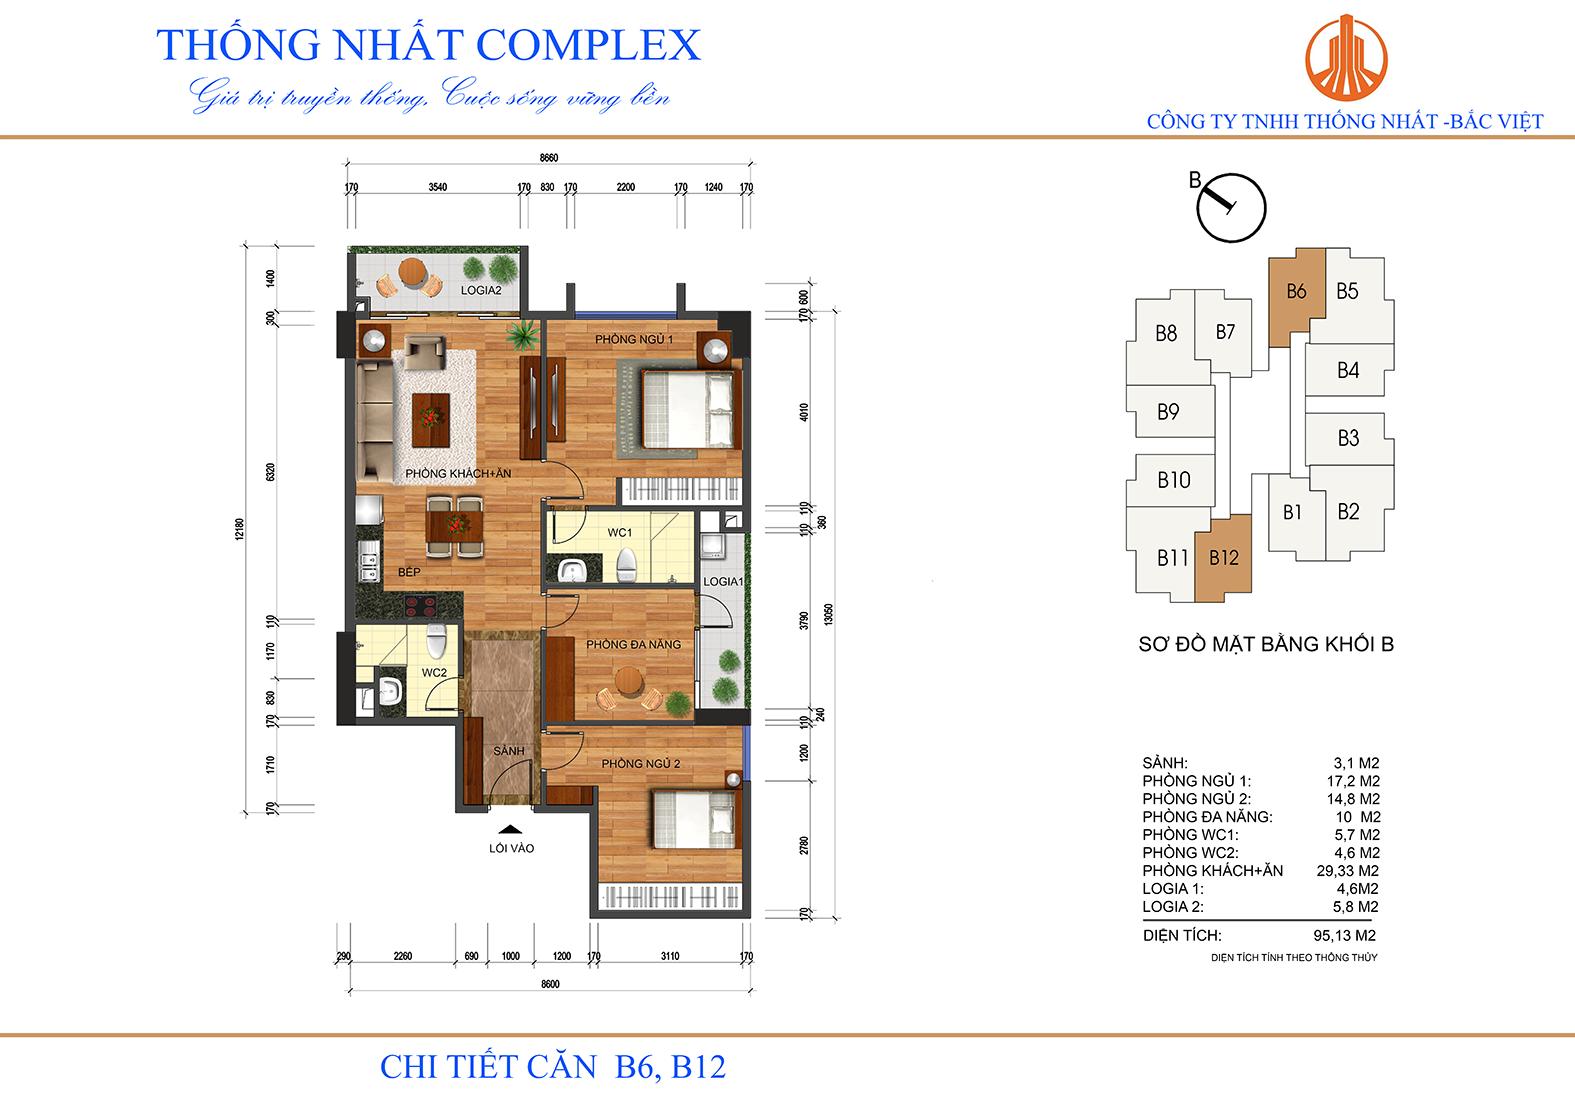 Thiết kế mặt bằng căn hộ 95m2 dự án Thống Nhất Complex